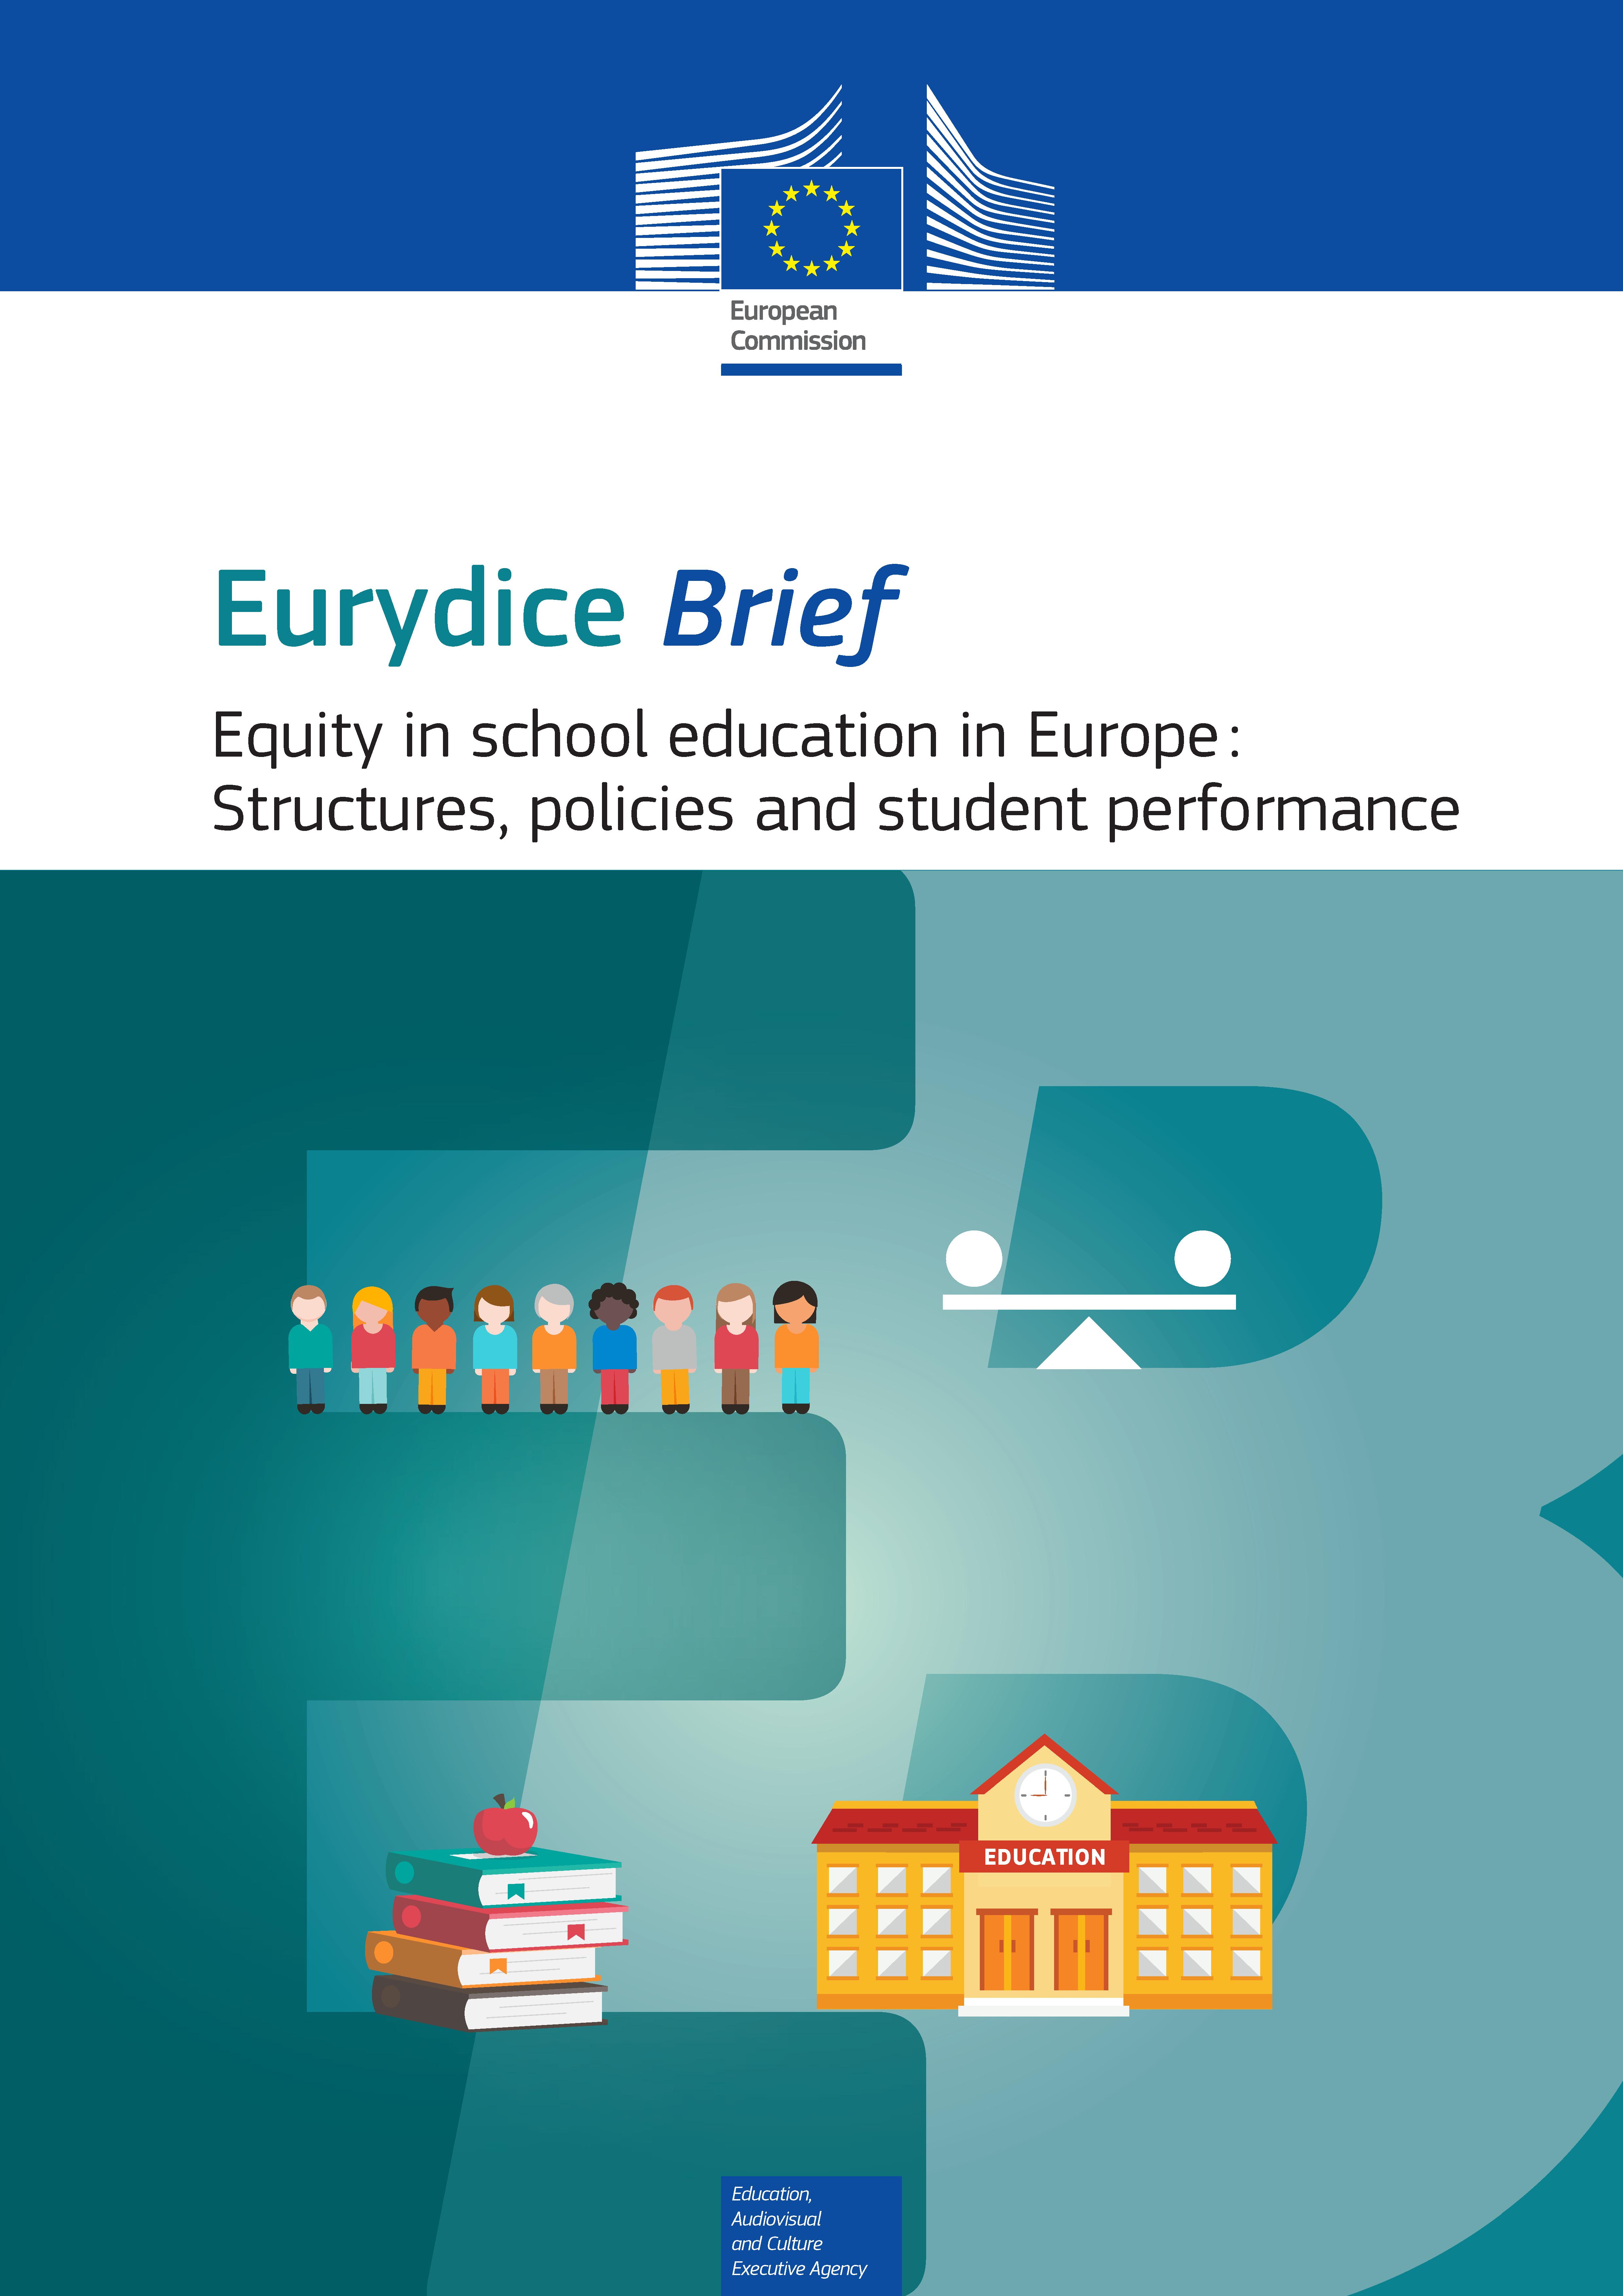 Eurydice Brief Cover